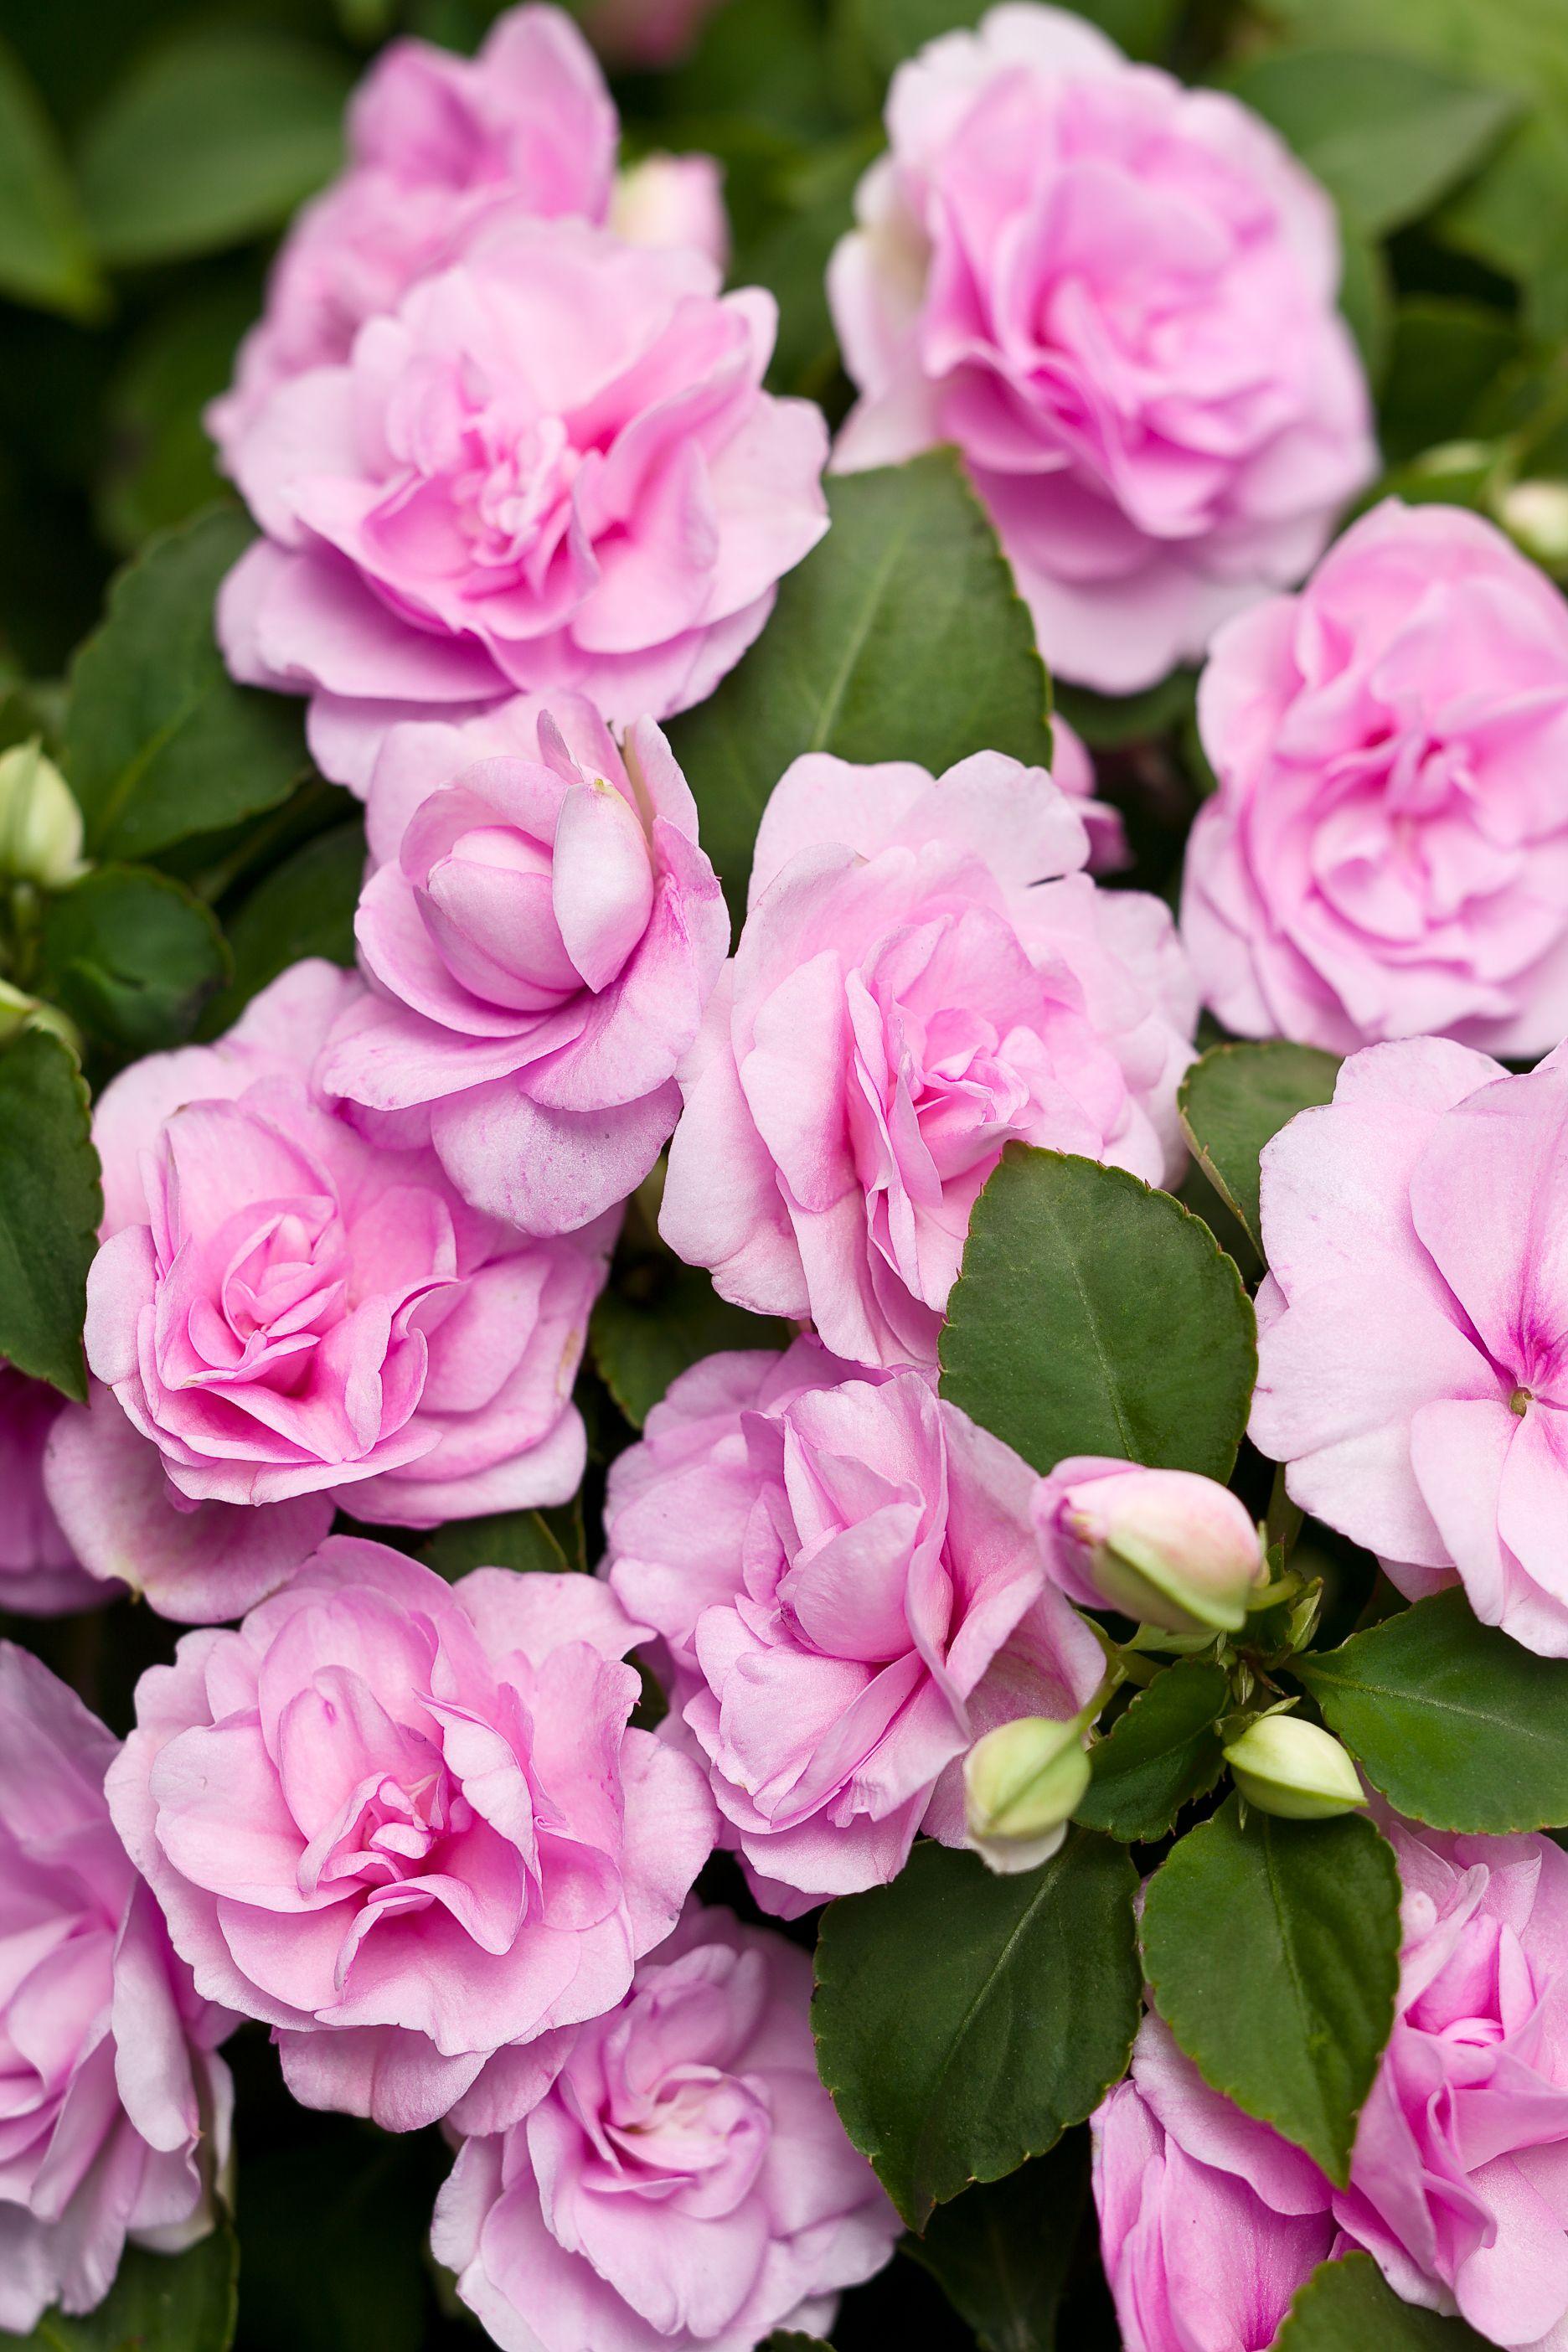 Rockapulco Orchid Double Impatiens Impatiens Walleriana Double Impatiens Light Purple Flowers Flowers